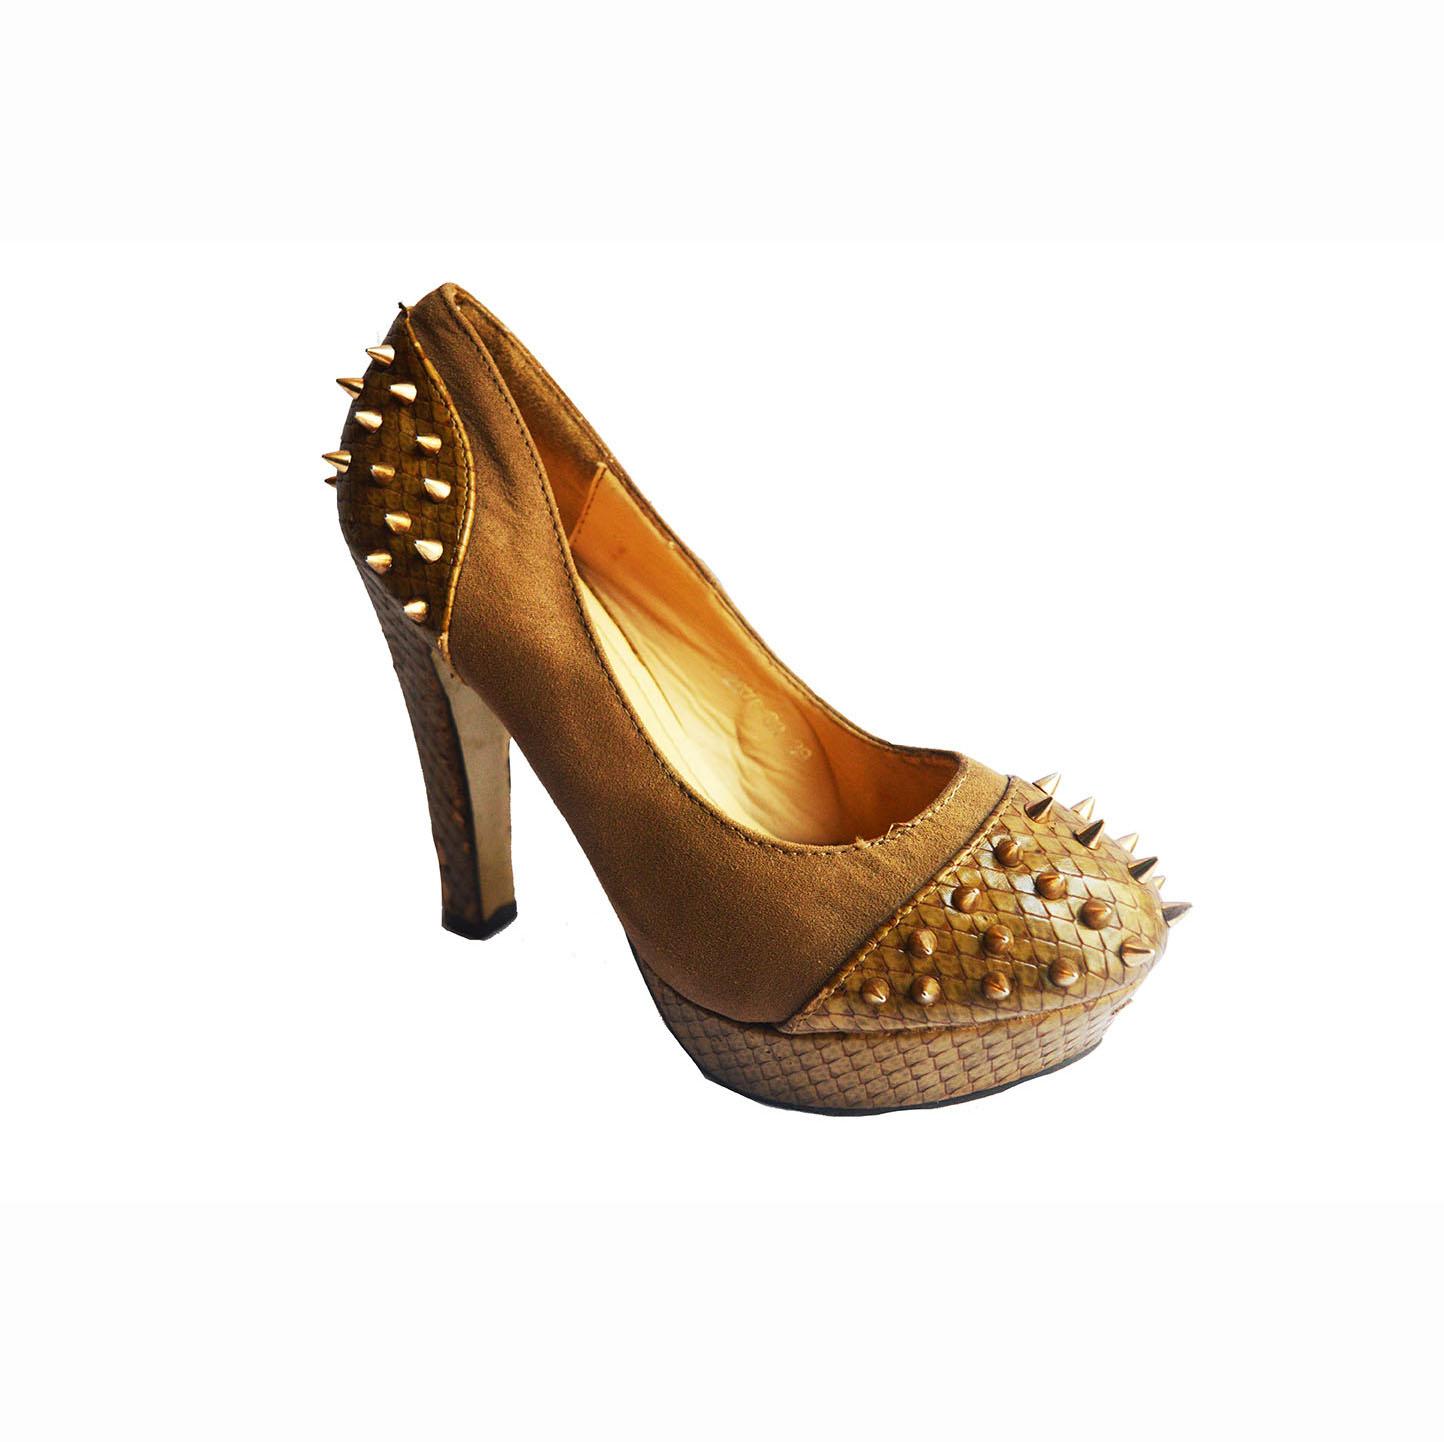 676cf93a63bcb Chaussure Escarpin Escarpin Chaussure Tai Yu Durrell MarketDurrell Market  a19e49